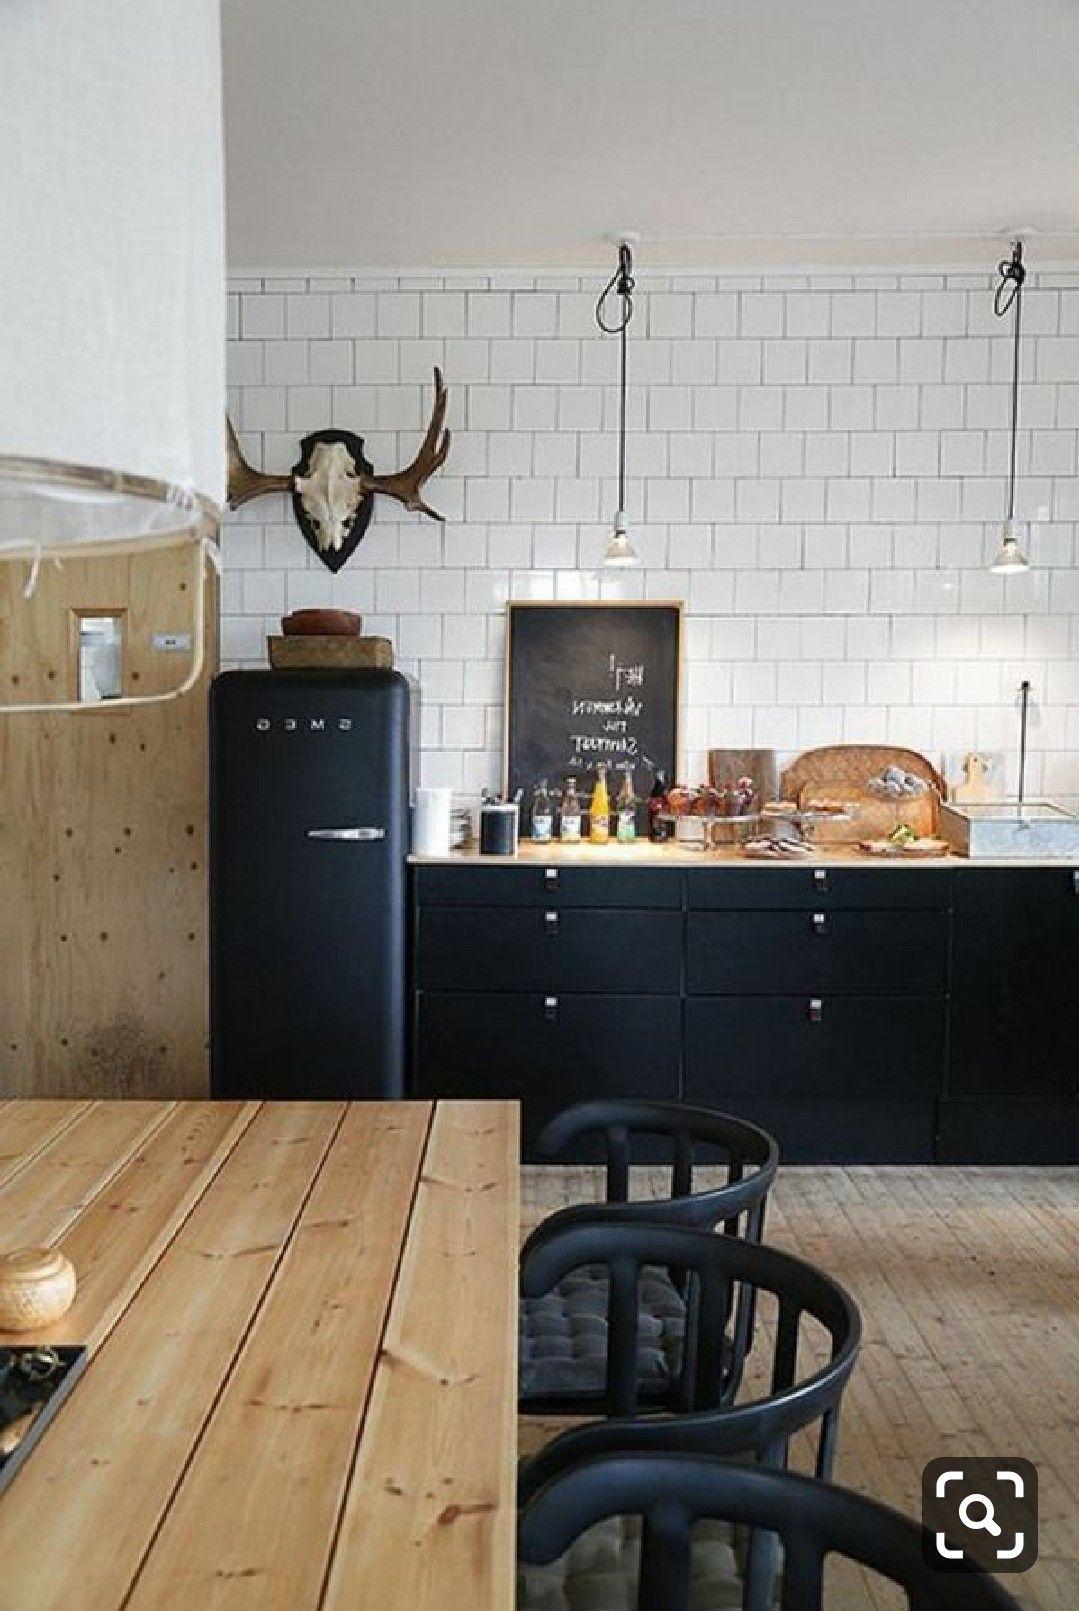 Pin Von Weronika Grzybowska Auf Ideas For Inside Kuchen Mobel Kuchen Design Haus Kuchen